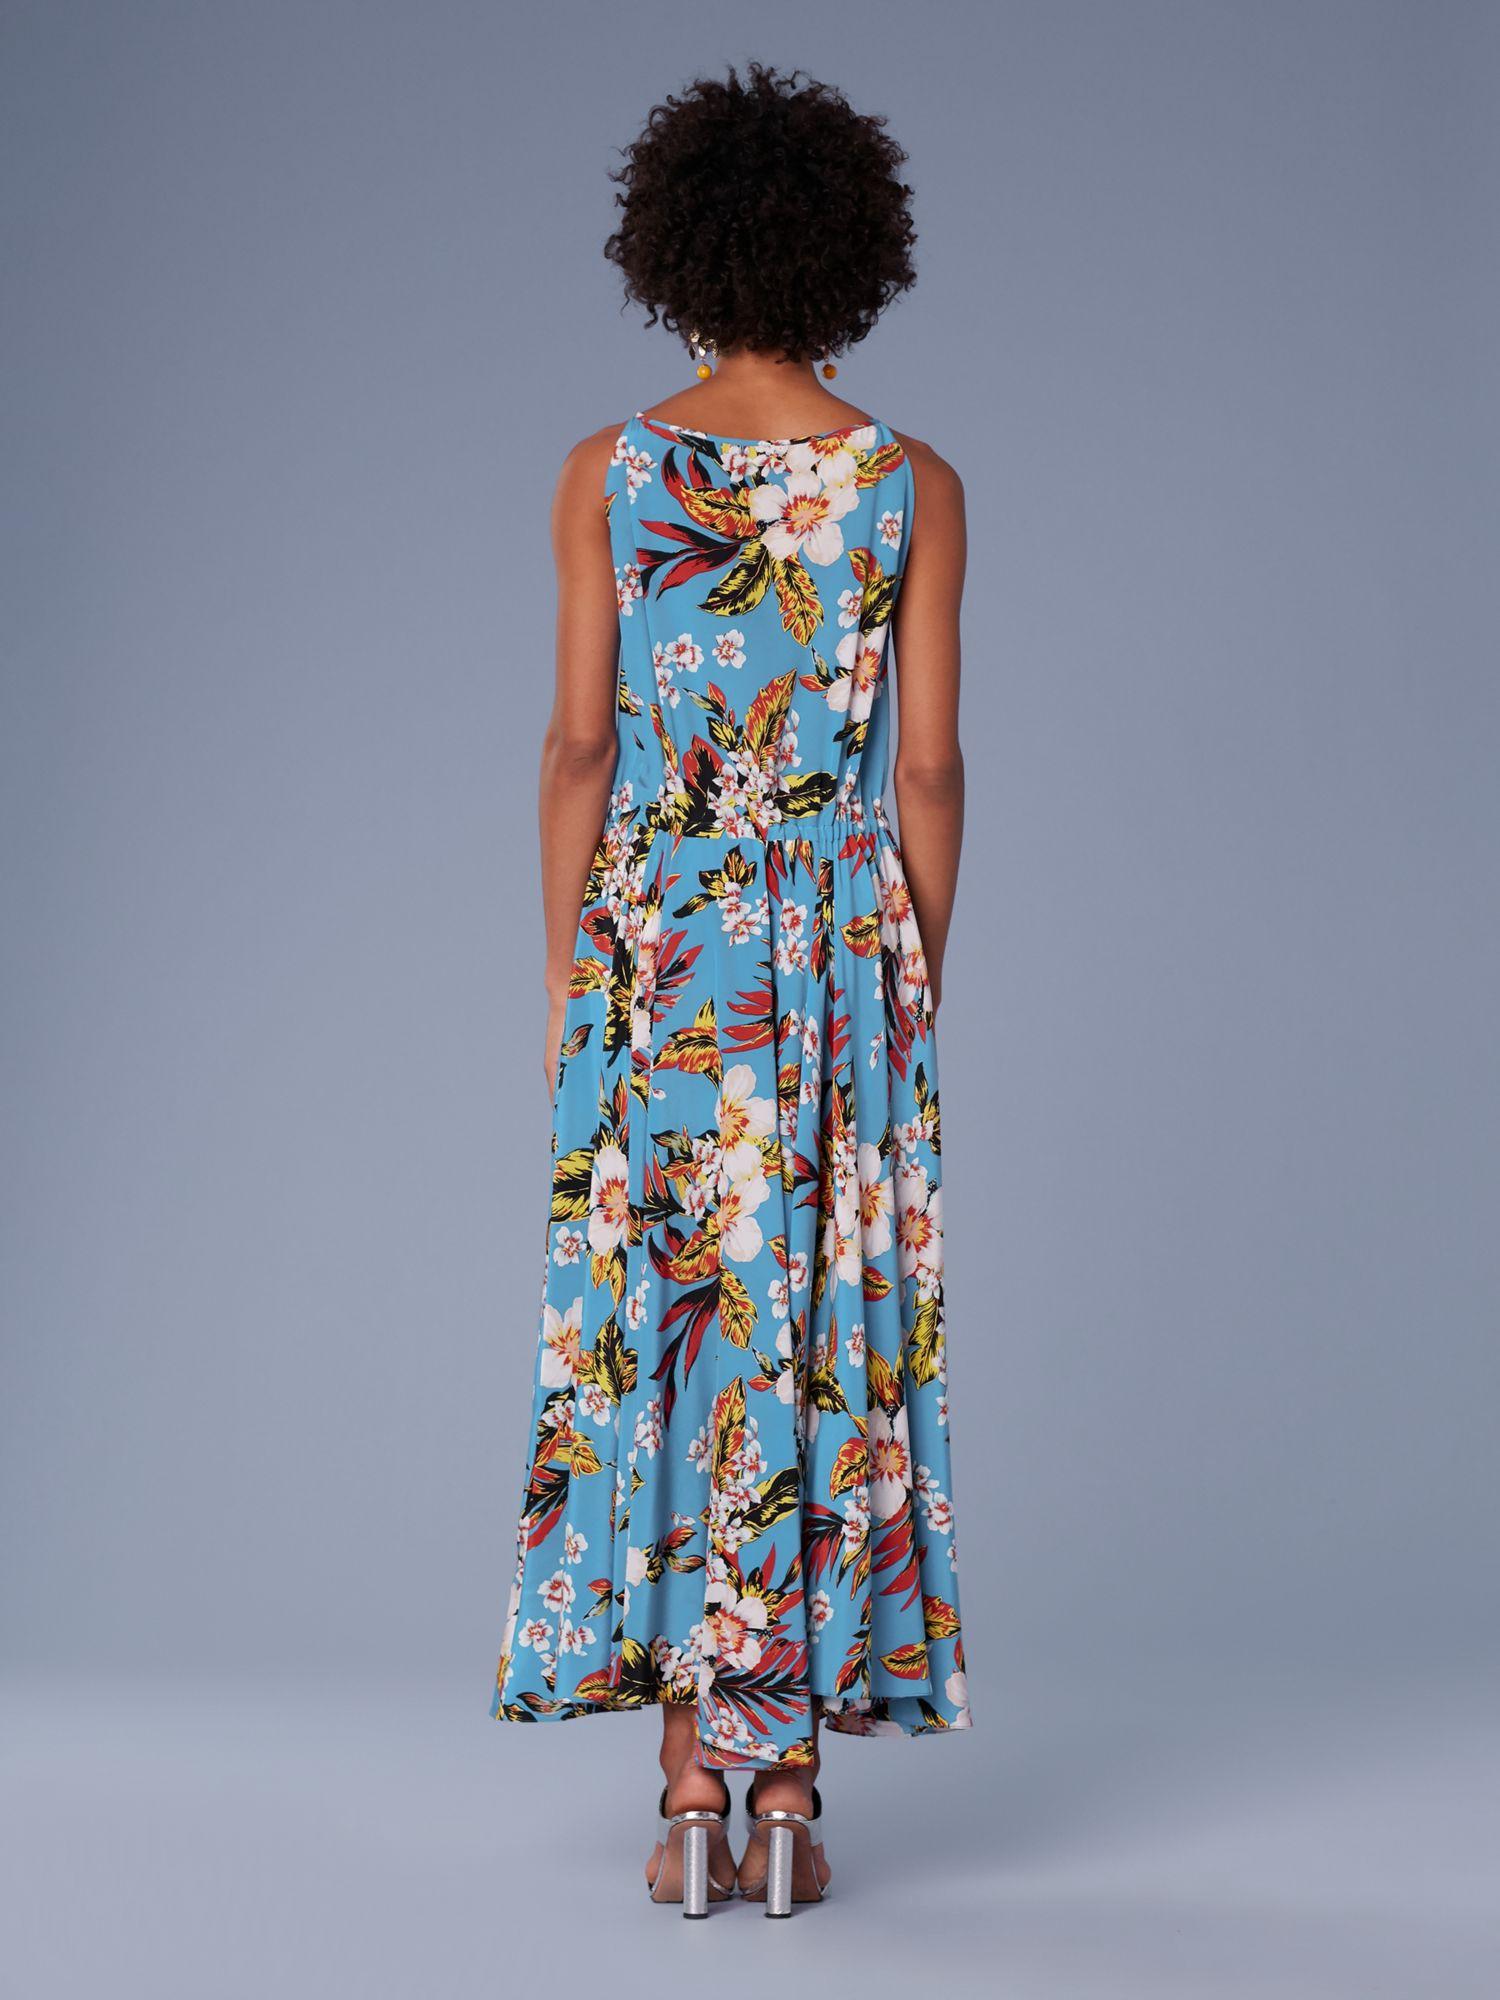 12aabfc959c Diane Von Furstenberg Dvf Key Hole Waist Tie Maxi Dress - Walden Black 10